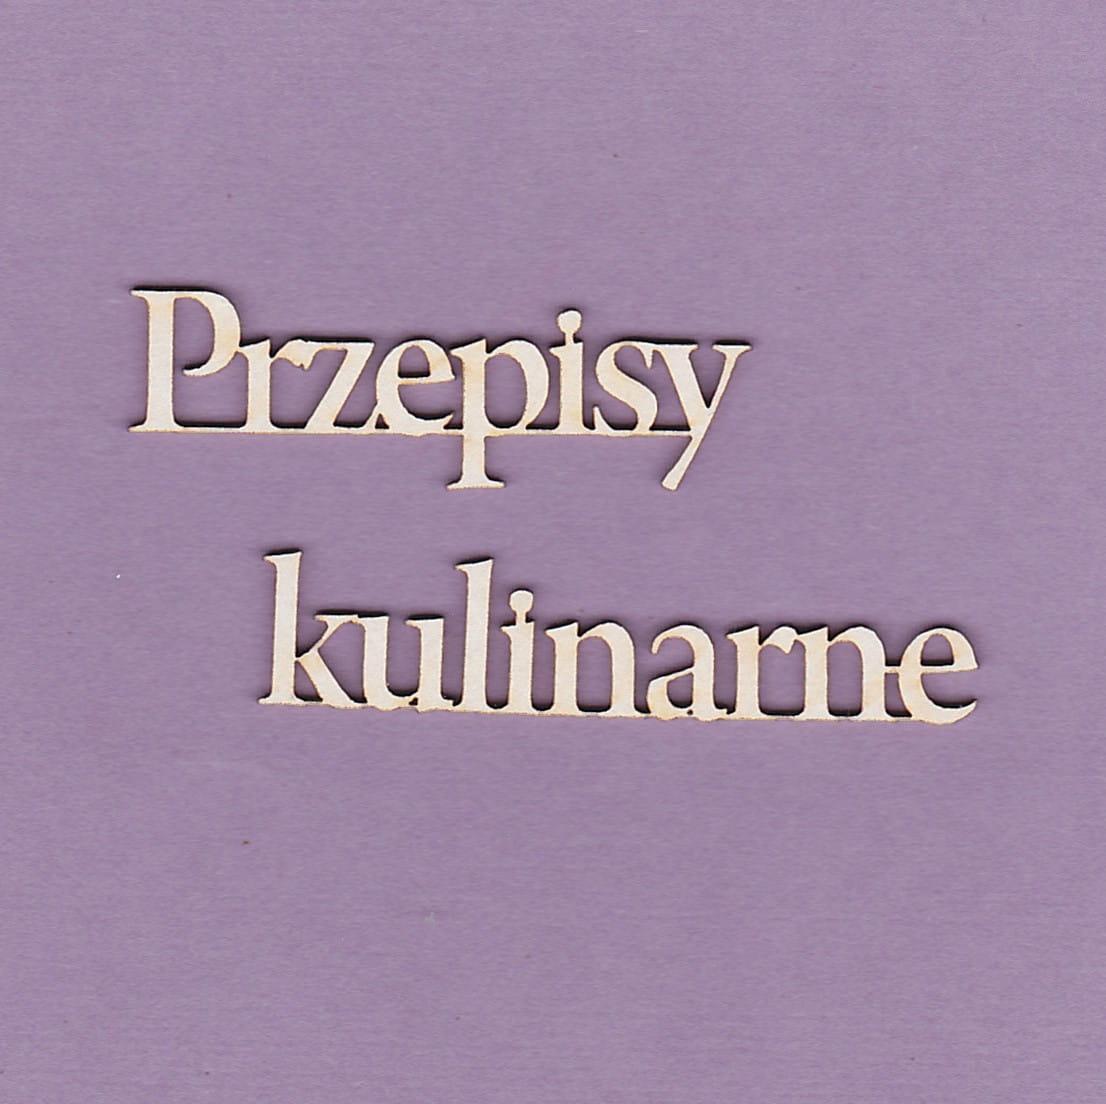 http://www.craftymoly.pl/pl/p/Tekturka-napis-Przepisy-Kulinarne-2-szt-/459